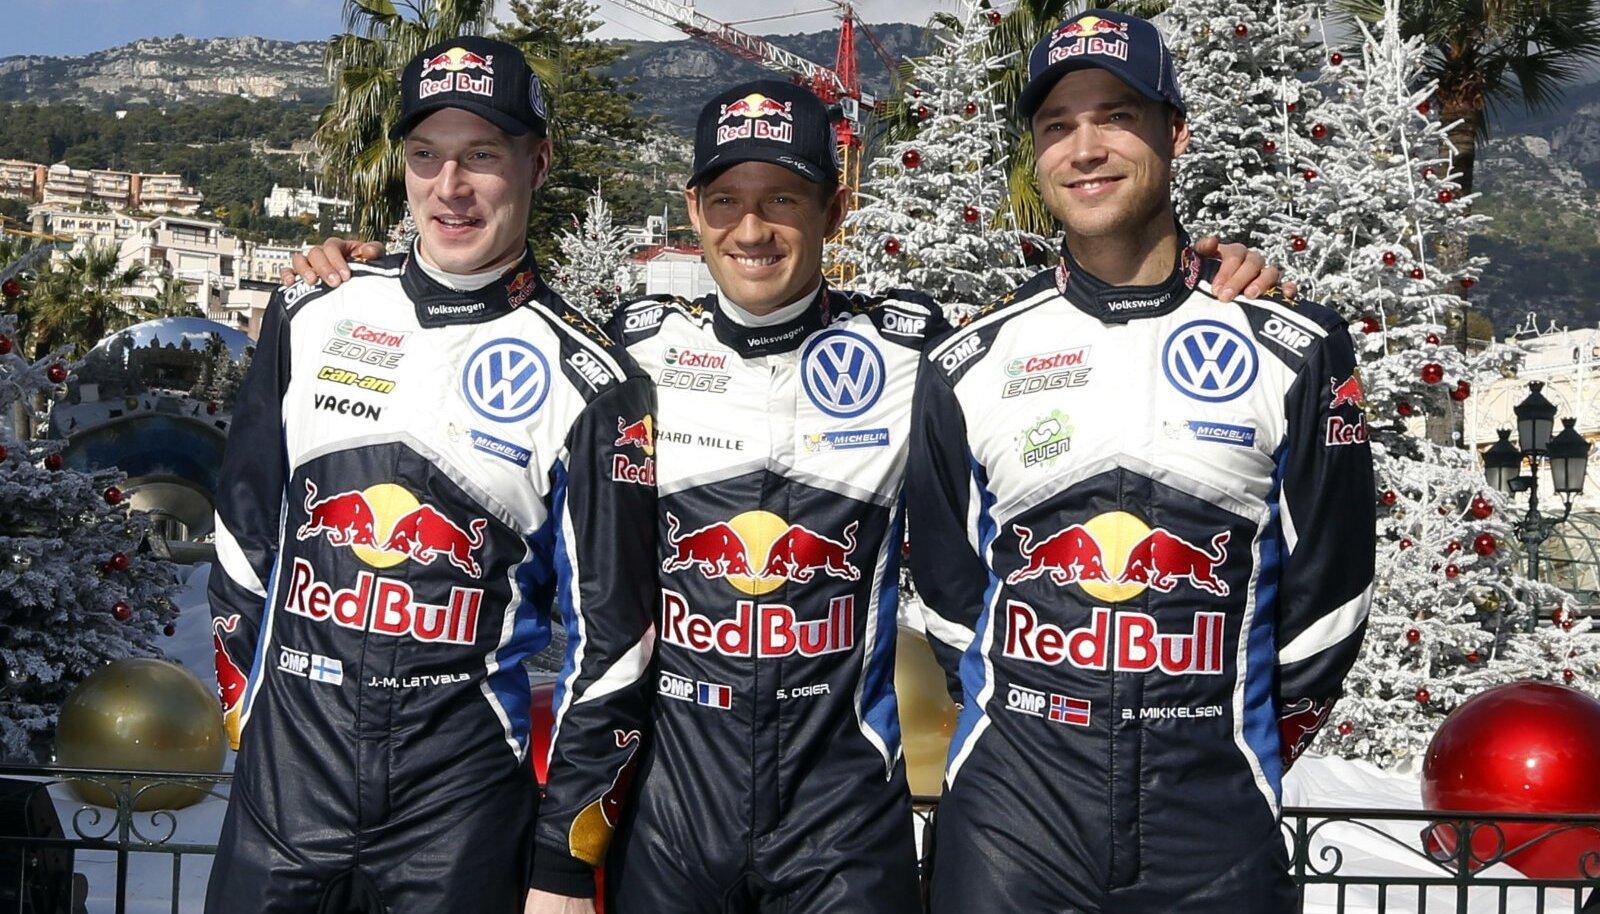 Sebastien Ogier (keskel) ja Jari-Matti Latvala (vasakul) koos Andreas Mikkelseniga